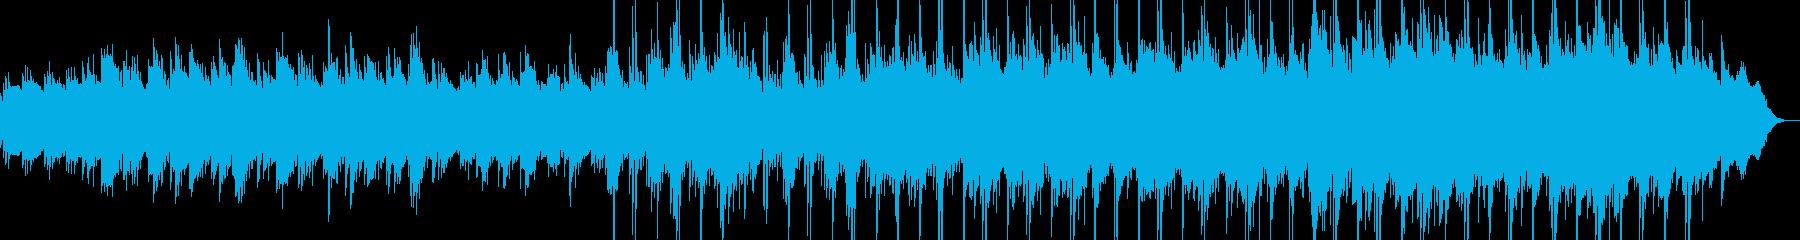 オルゴールの哀愁感ある音色が壮大に展開の再生済みの波形